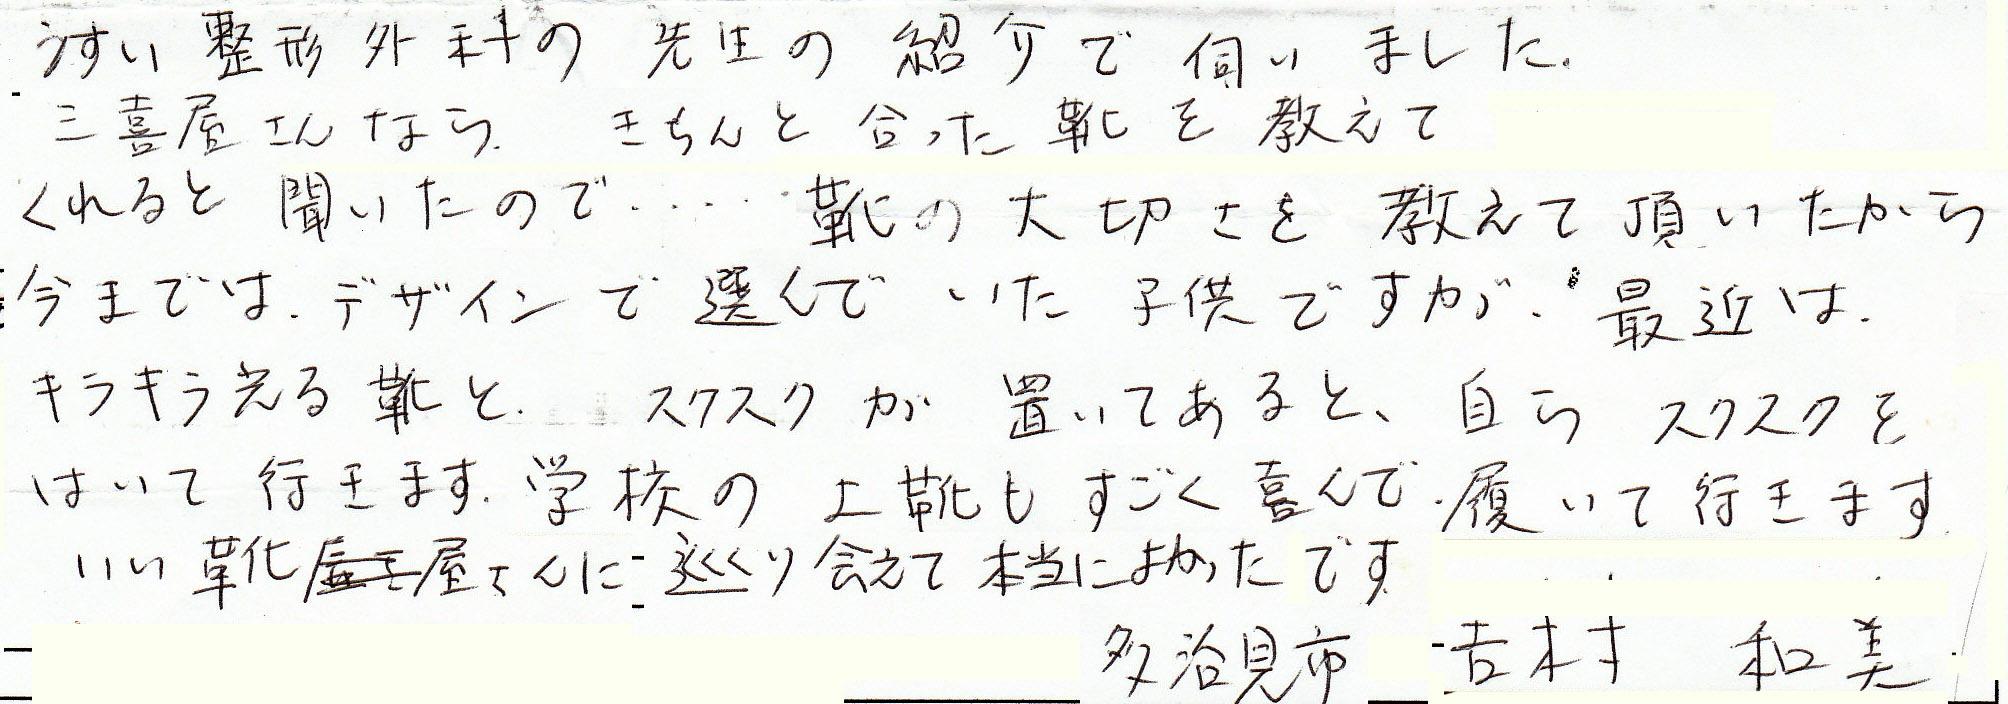 多治見市 吉村さん 子供靴をお買い上げ、喜びの声。うすい整形外科の先生から紹介され、三喜屋ならキチンと合った靴を教えてくれると聞き、靴の大切さを教えていただきました。アシックスのスクスクも学校の上靴も喜んで履いています。良い靴屋さんに巡り合え良かったです。